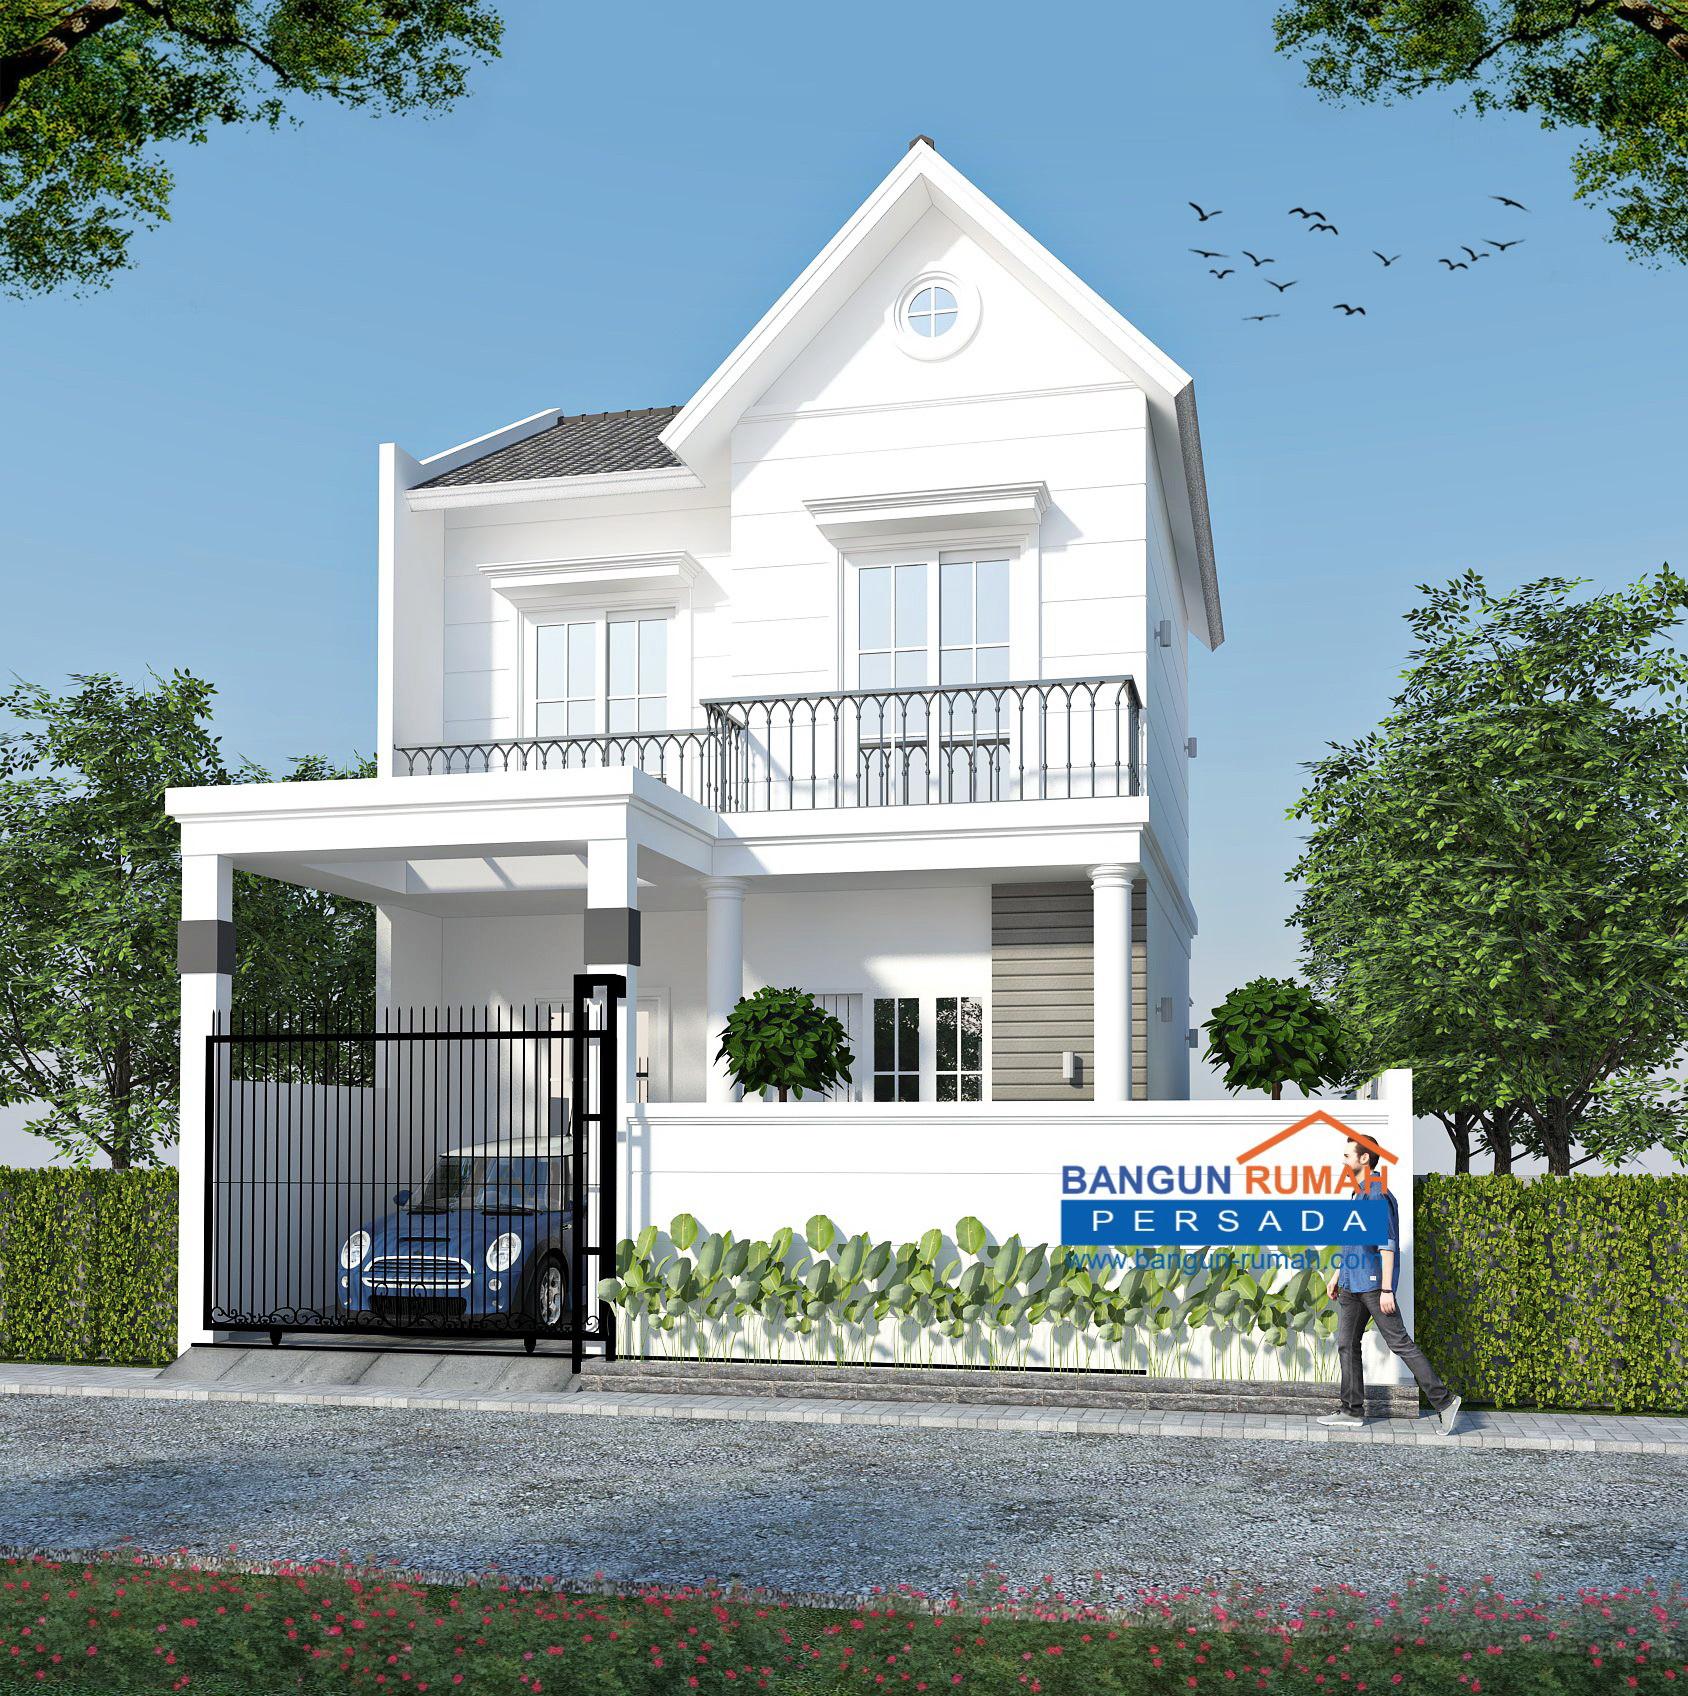 Desain Rumah Klasik Mungil 2 Lantai Di Lahan Ukuran 9 X 12 M2